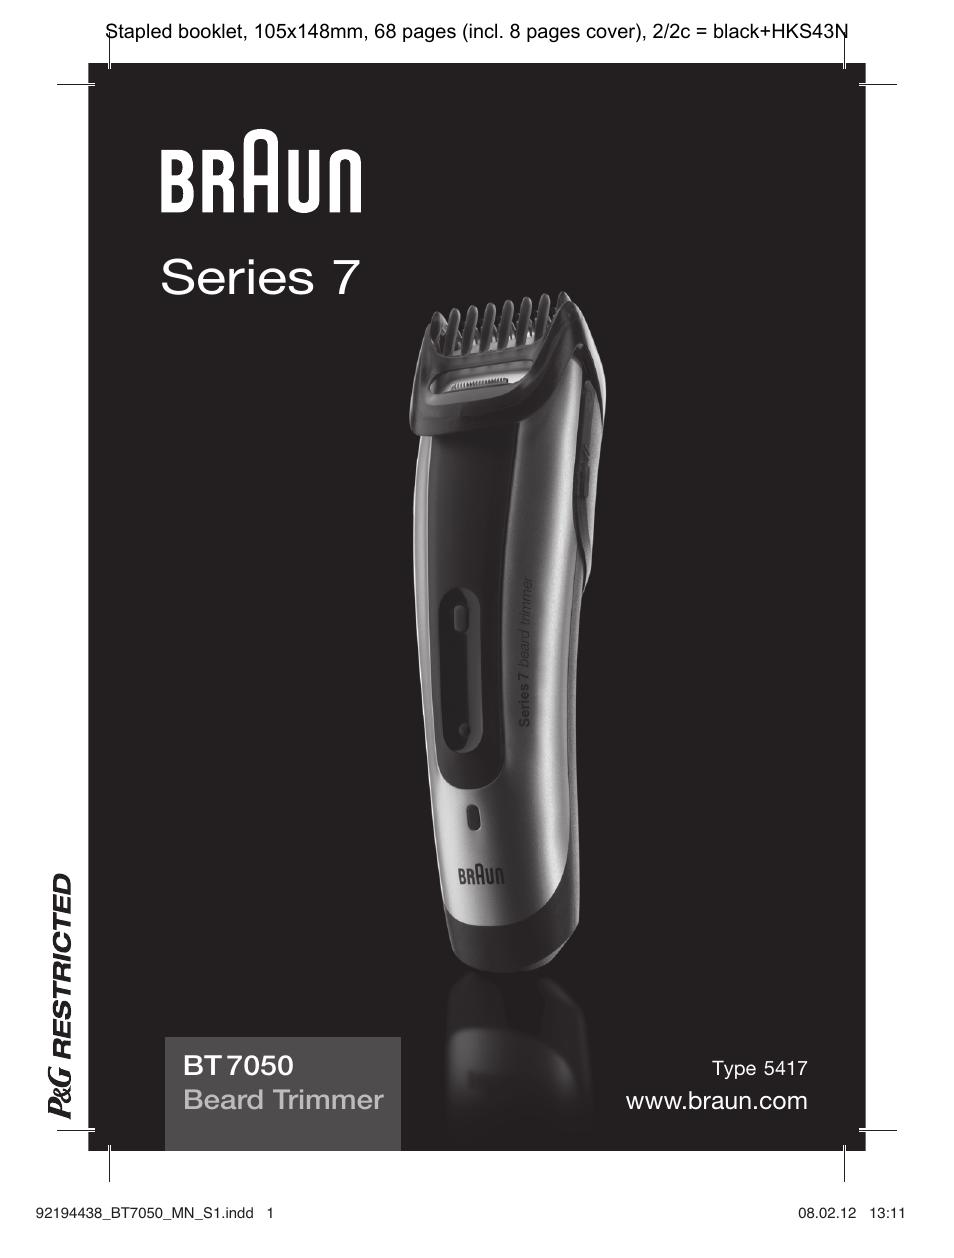 braun bt 7050 beard trimmer series 7 user manual 64 pages Braun Electric Shavers Braun Electric Shavers